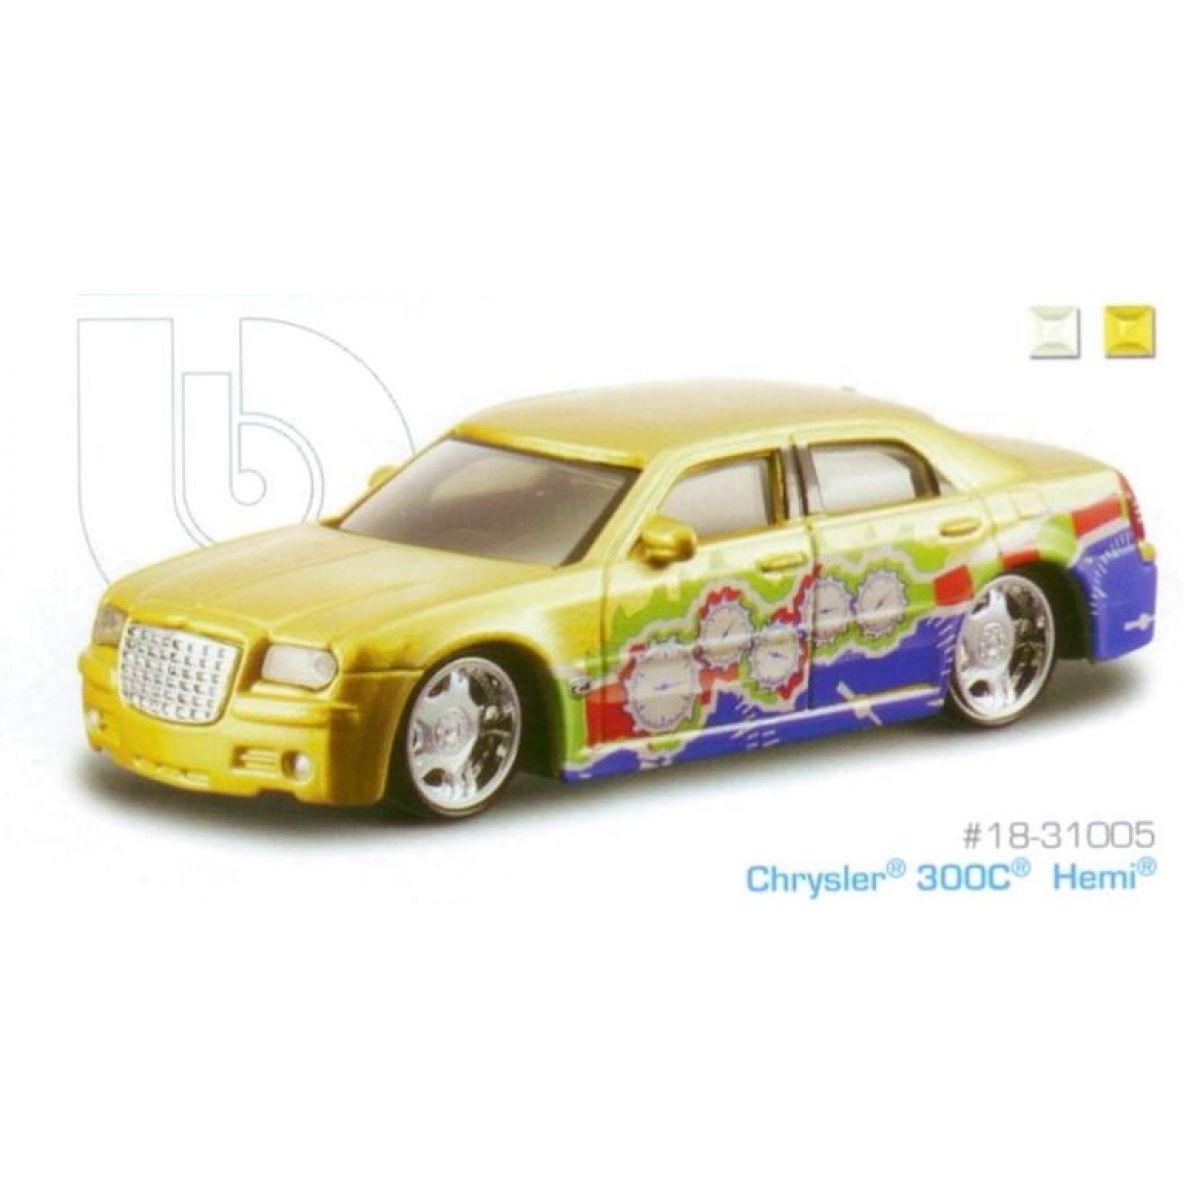 Bburago Chrysler 300C Hemi, tuning